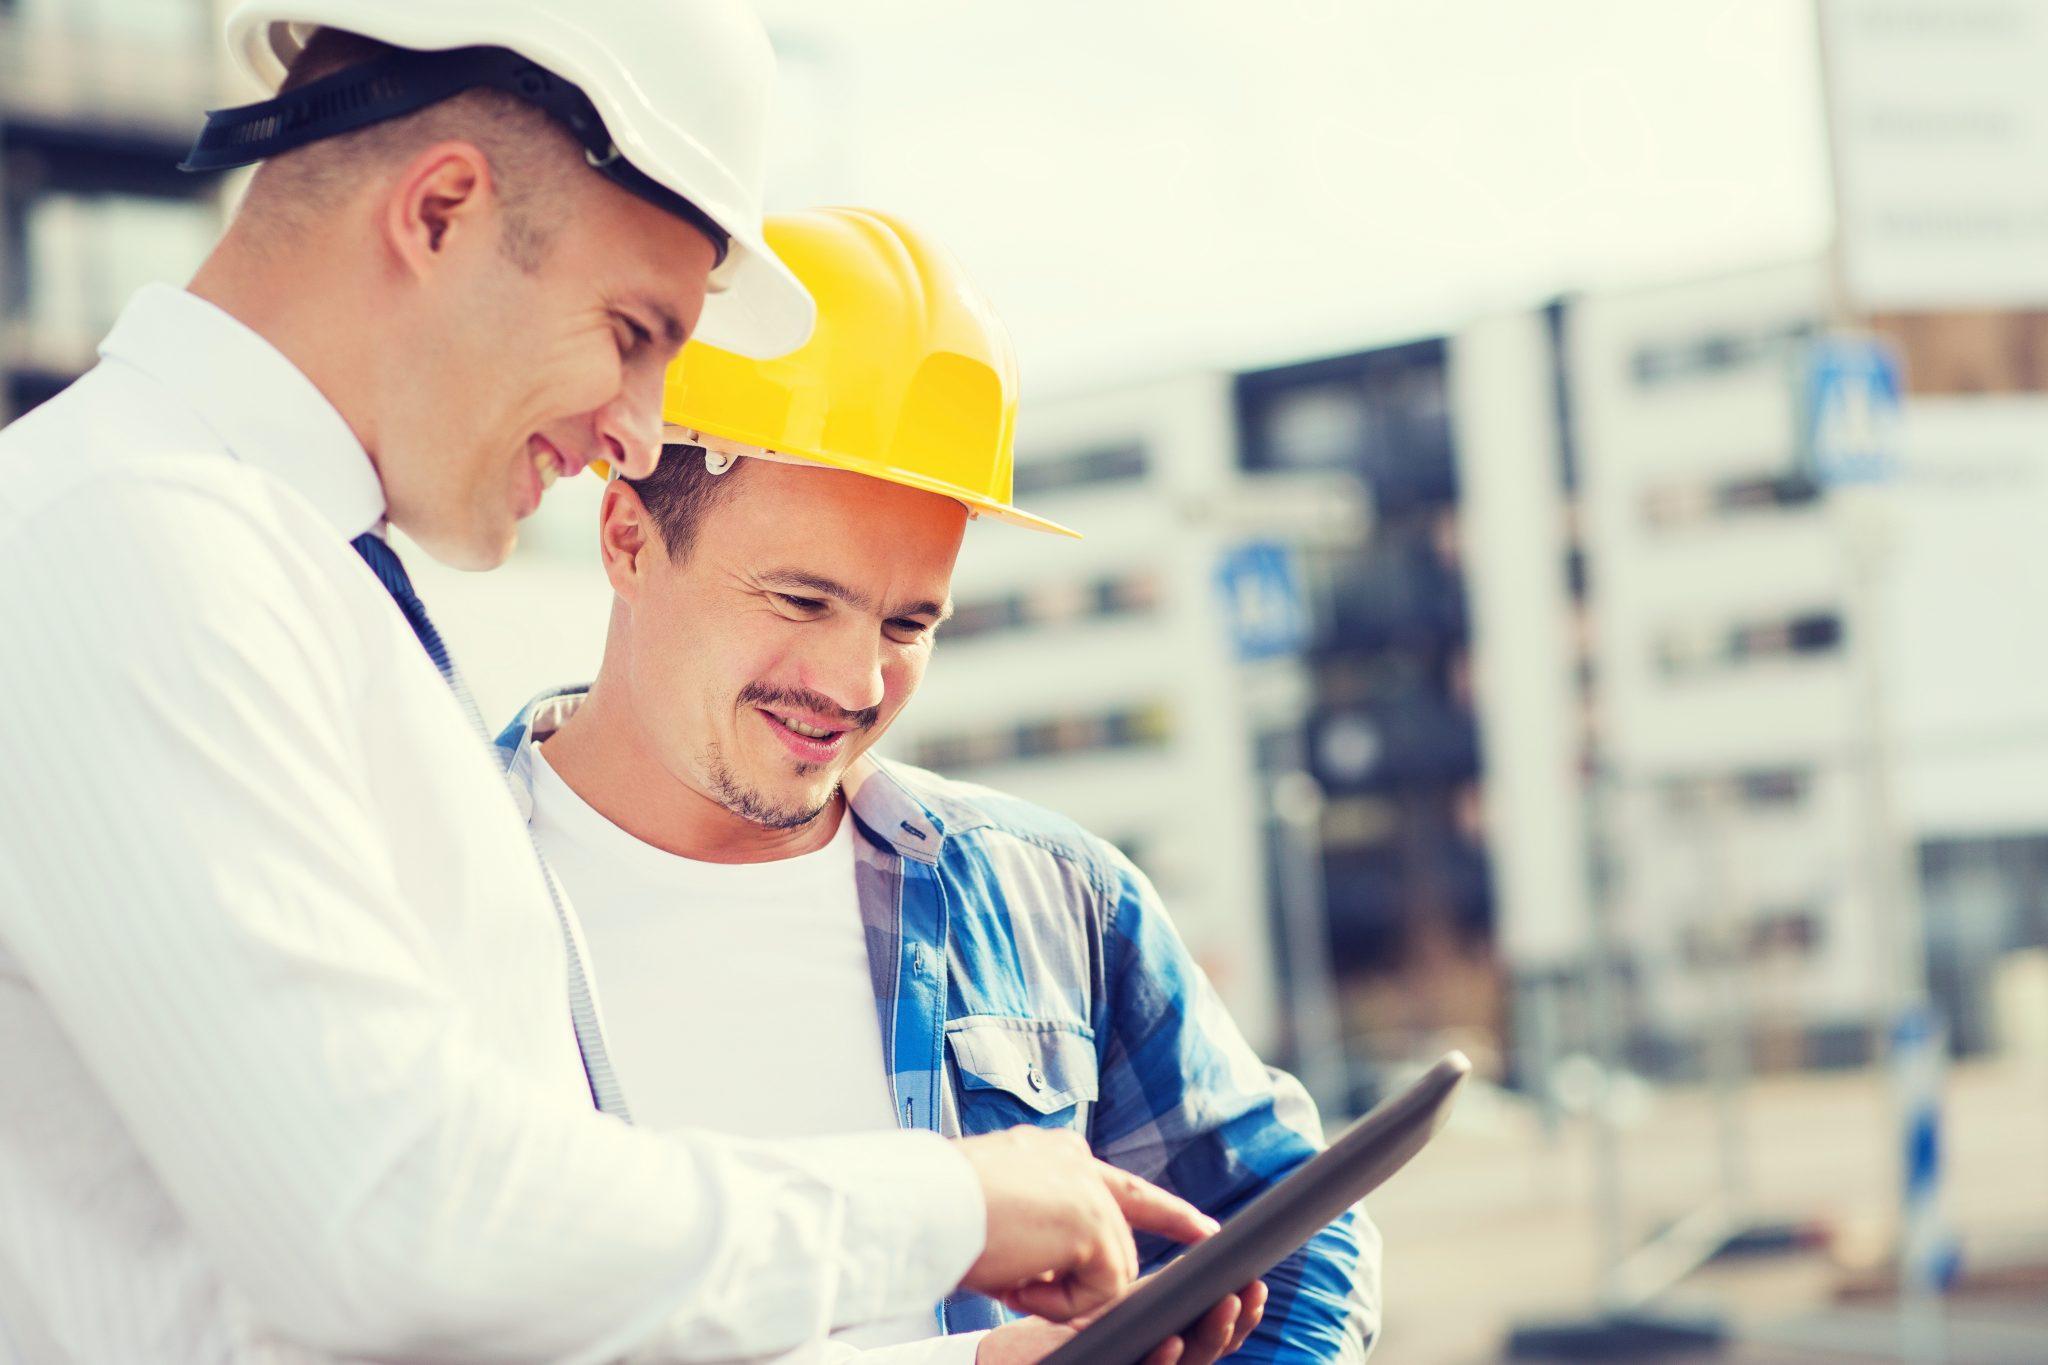 Bilde av to mannlige CFOer i entreprenørbransjen som står å ser på en tablet ute på en byggeplass